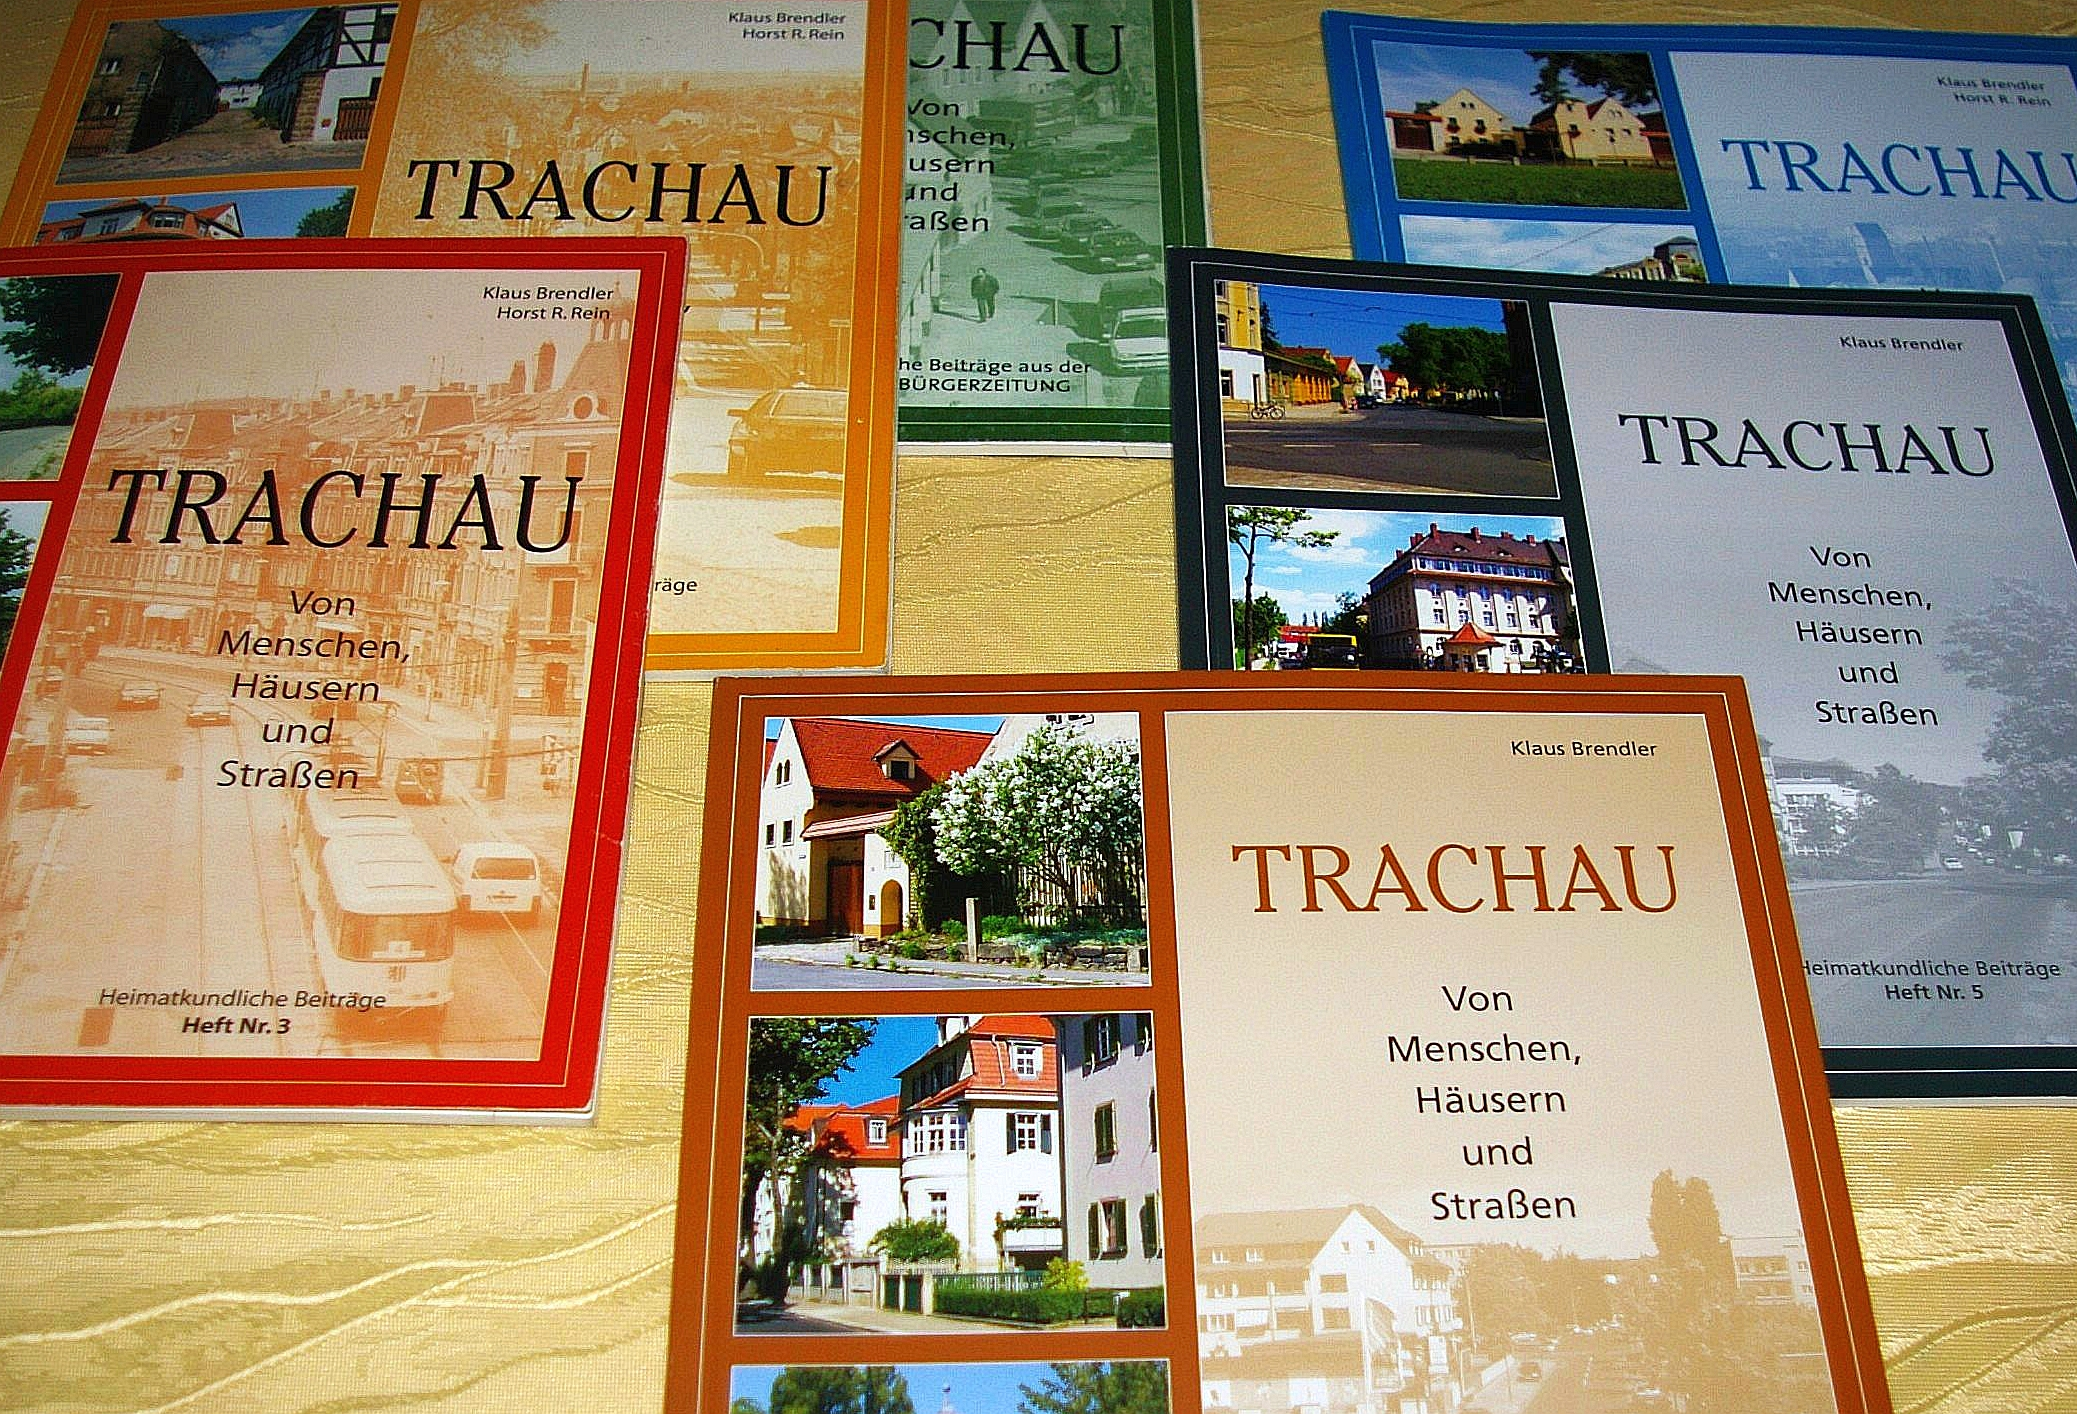 Trachau - Von Menschen, Häusern und Straßen (2)